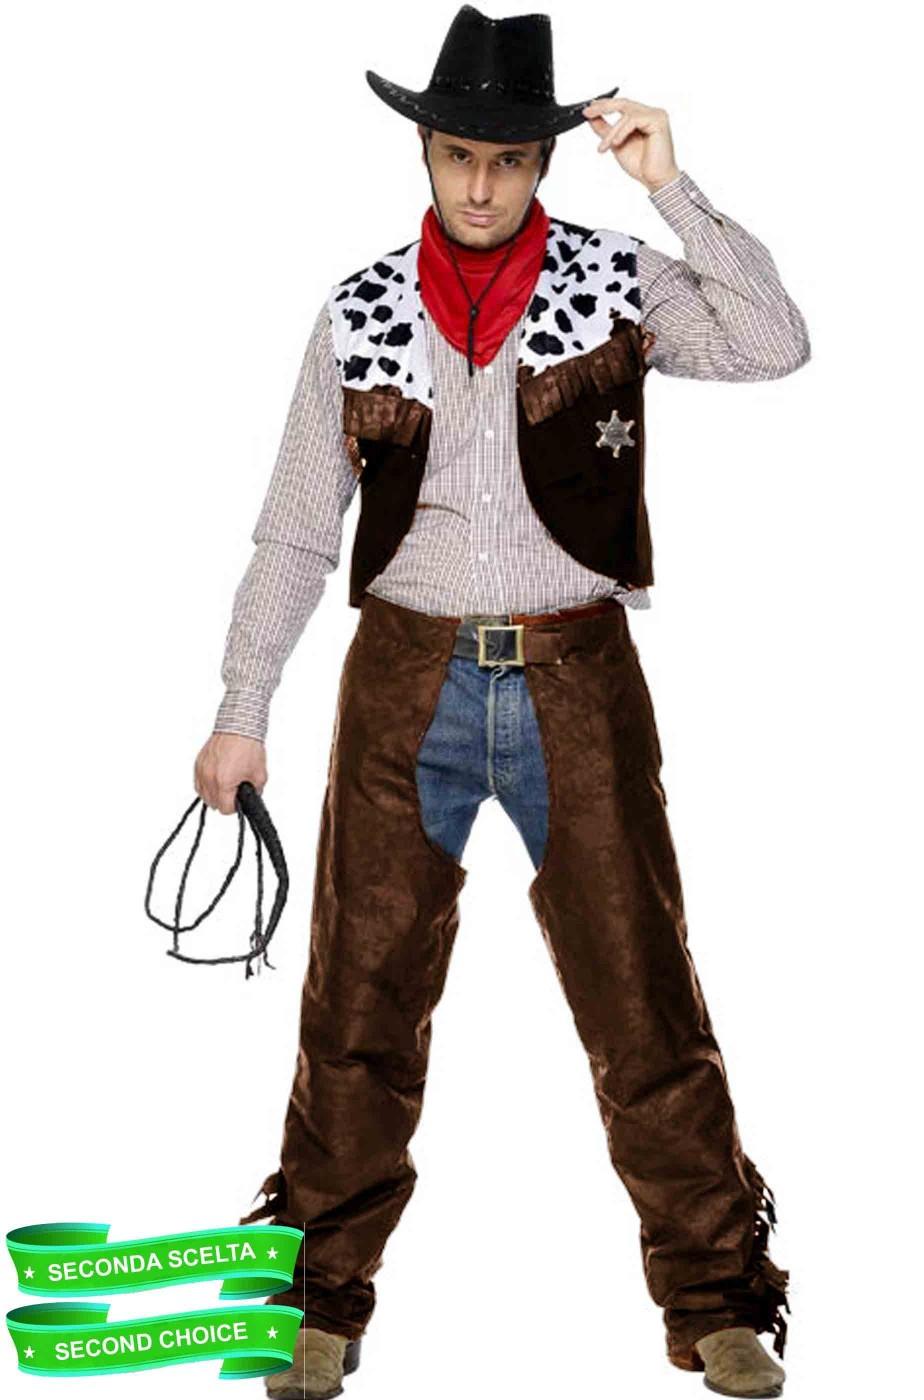 Vestito di carnevale Cowboy marrone adulto scontato seconda scelta